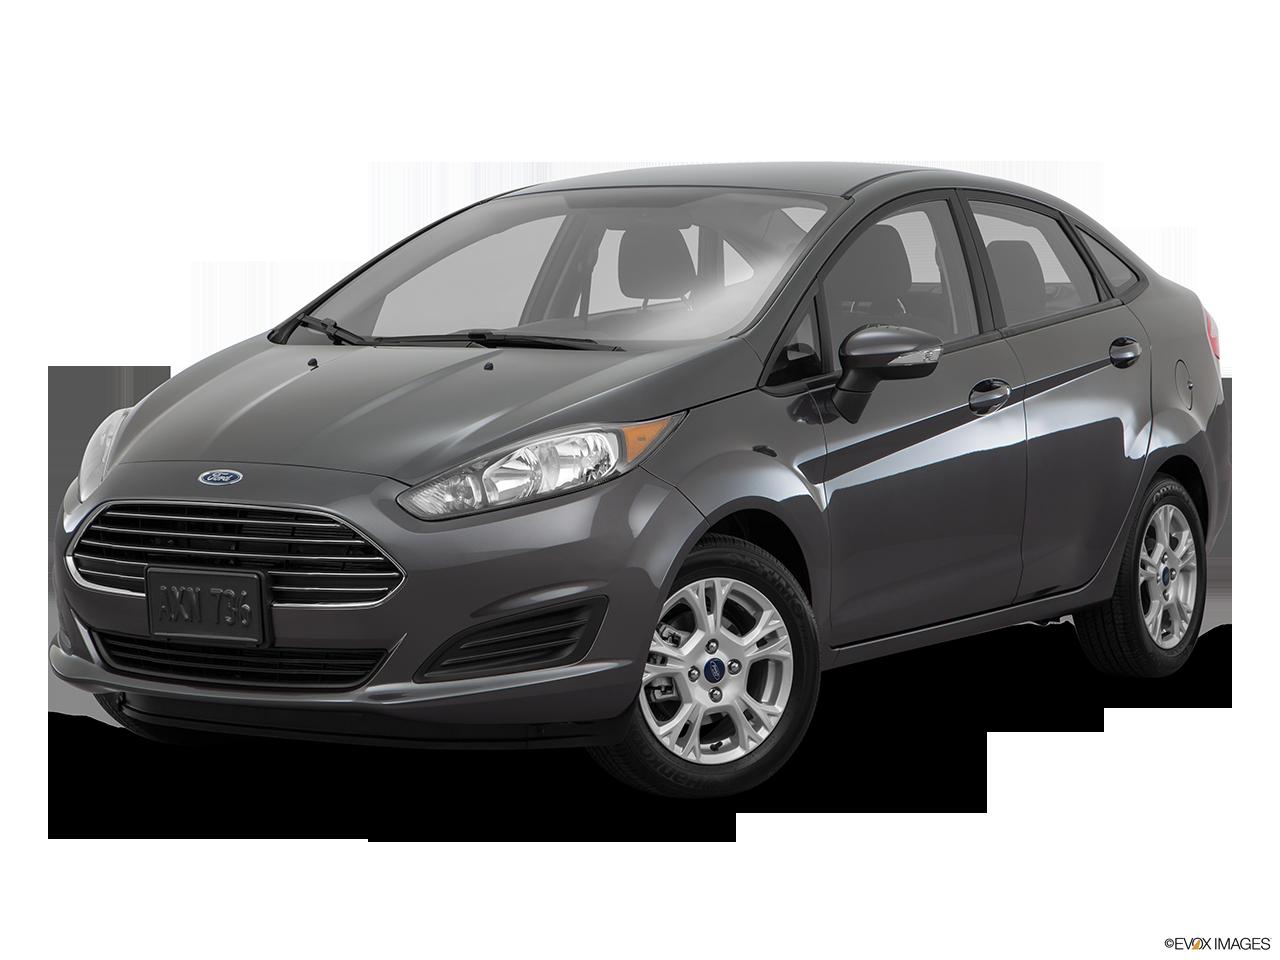 Test Drive A 2016 Ford Fiesta at Huntington Beach Ford in Huntington Beach